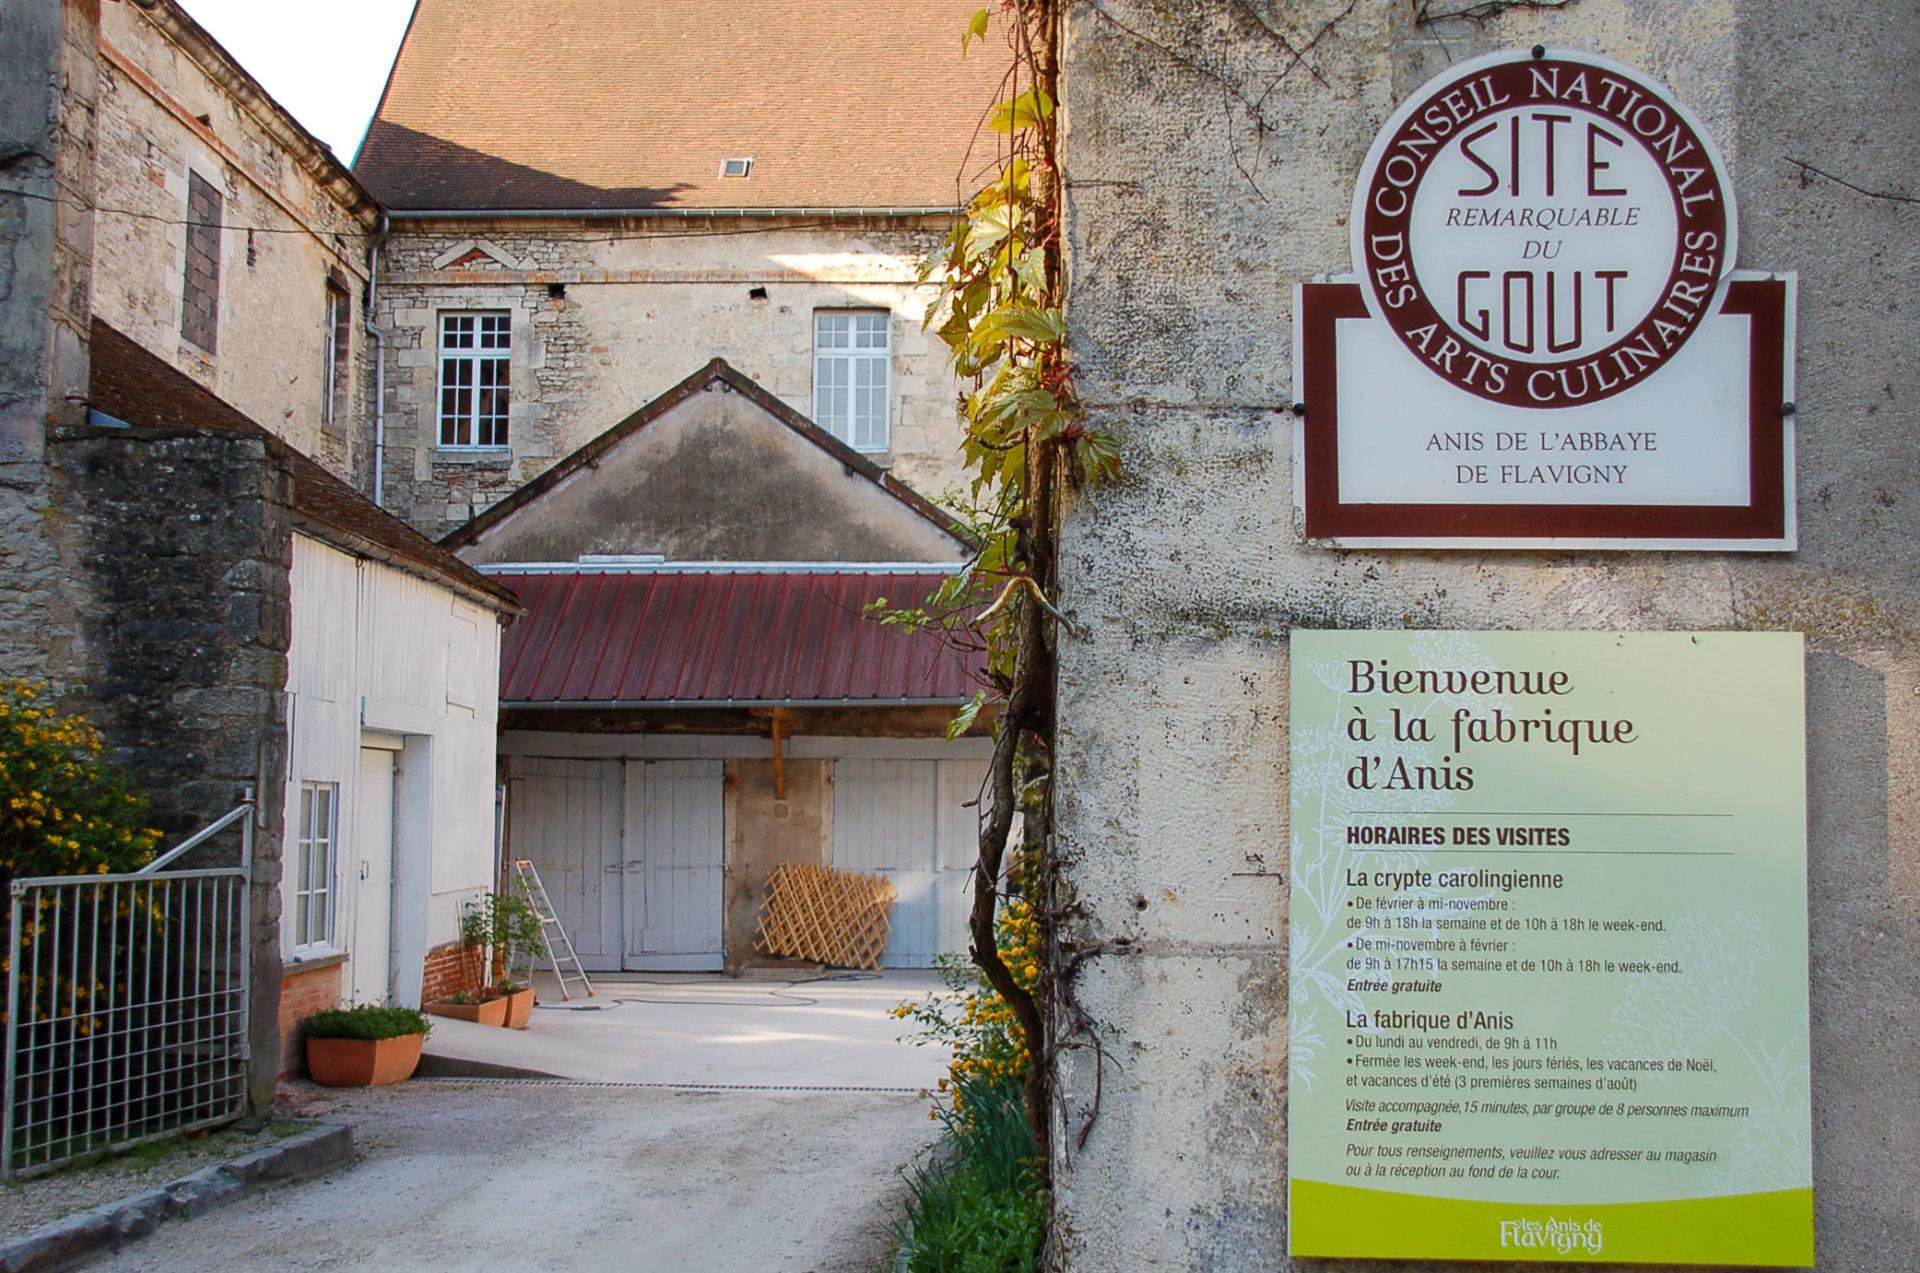 Die Abtei von Flavigny beherbergt die Produktionsstätte der köstlichen Anis de Flavigny